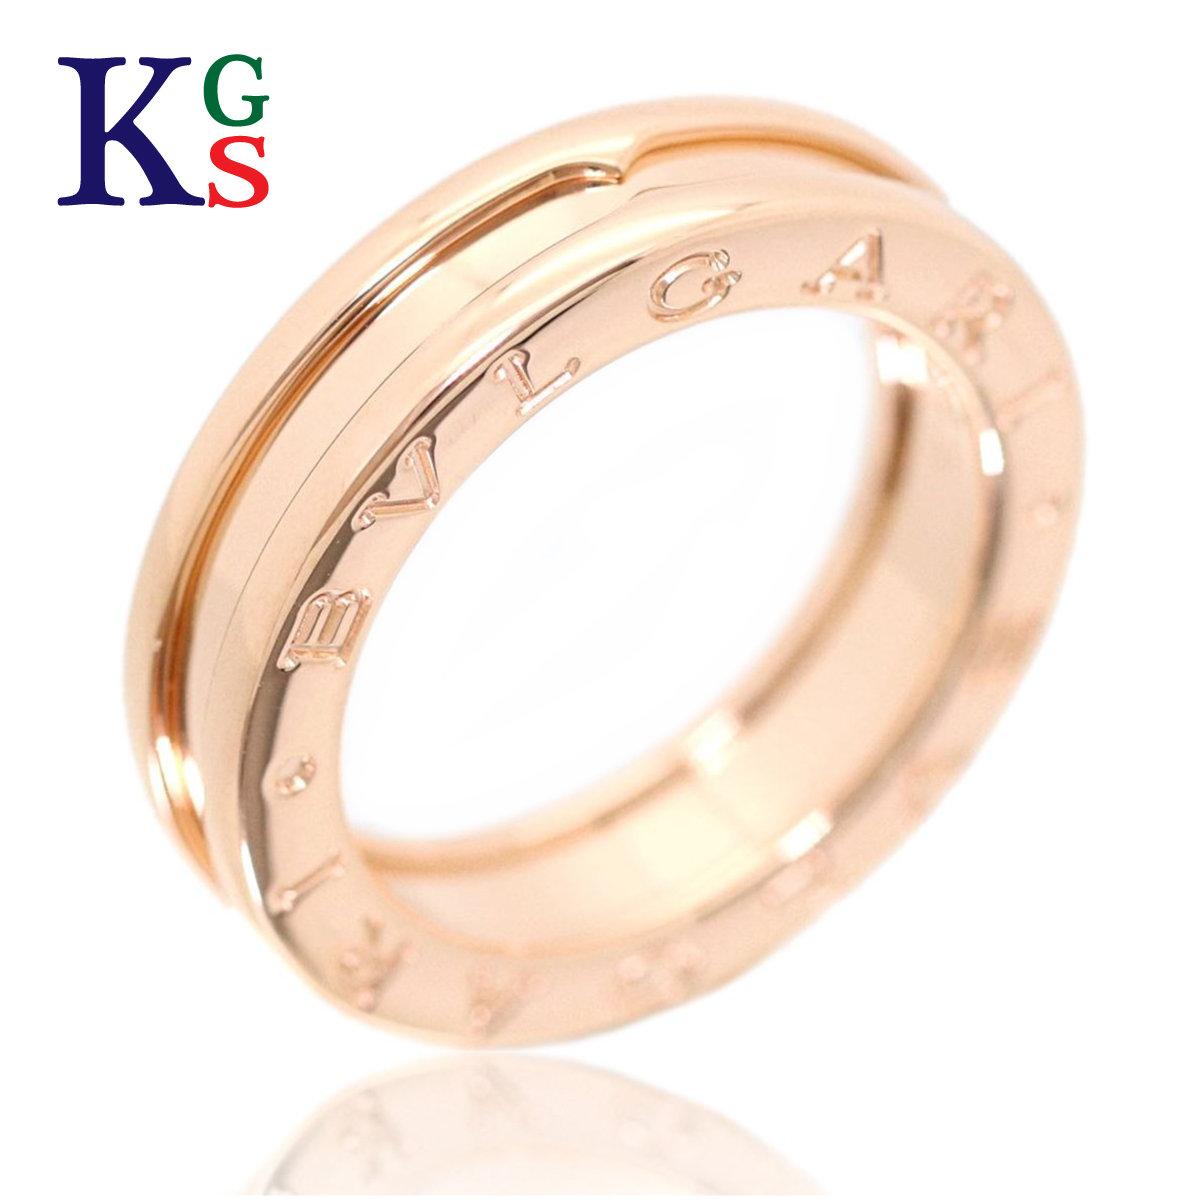 【ギフト品質】【名入れ】【5号~23号】ブルガリ B.zero1 ビーゼロワン リング / 指輪 750 K18PG ピンクゴールド レディース